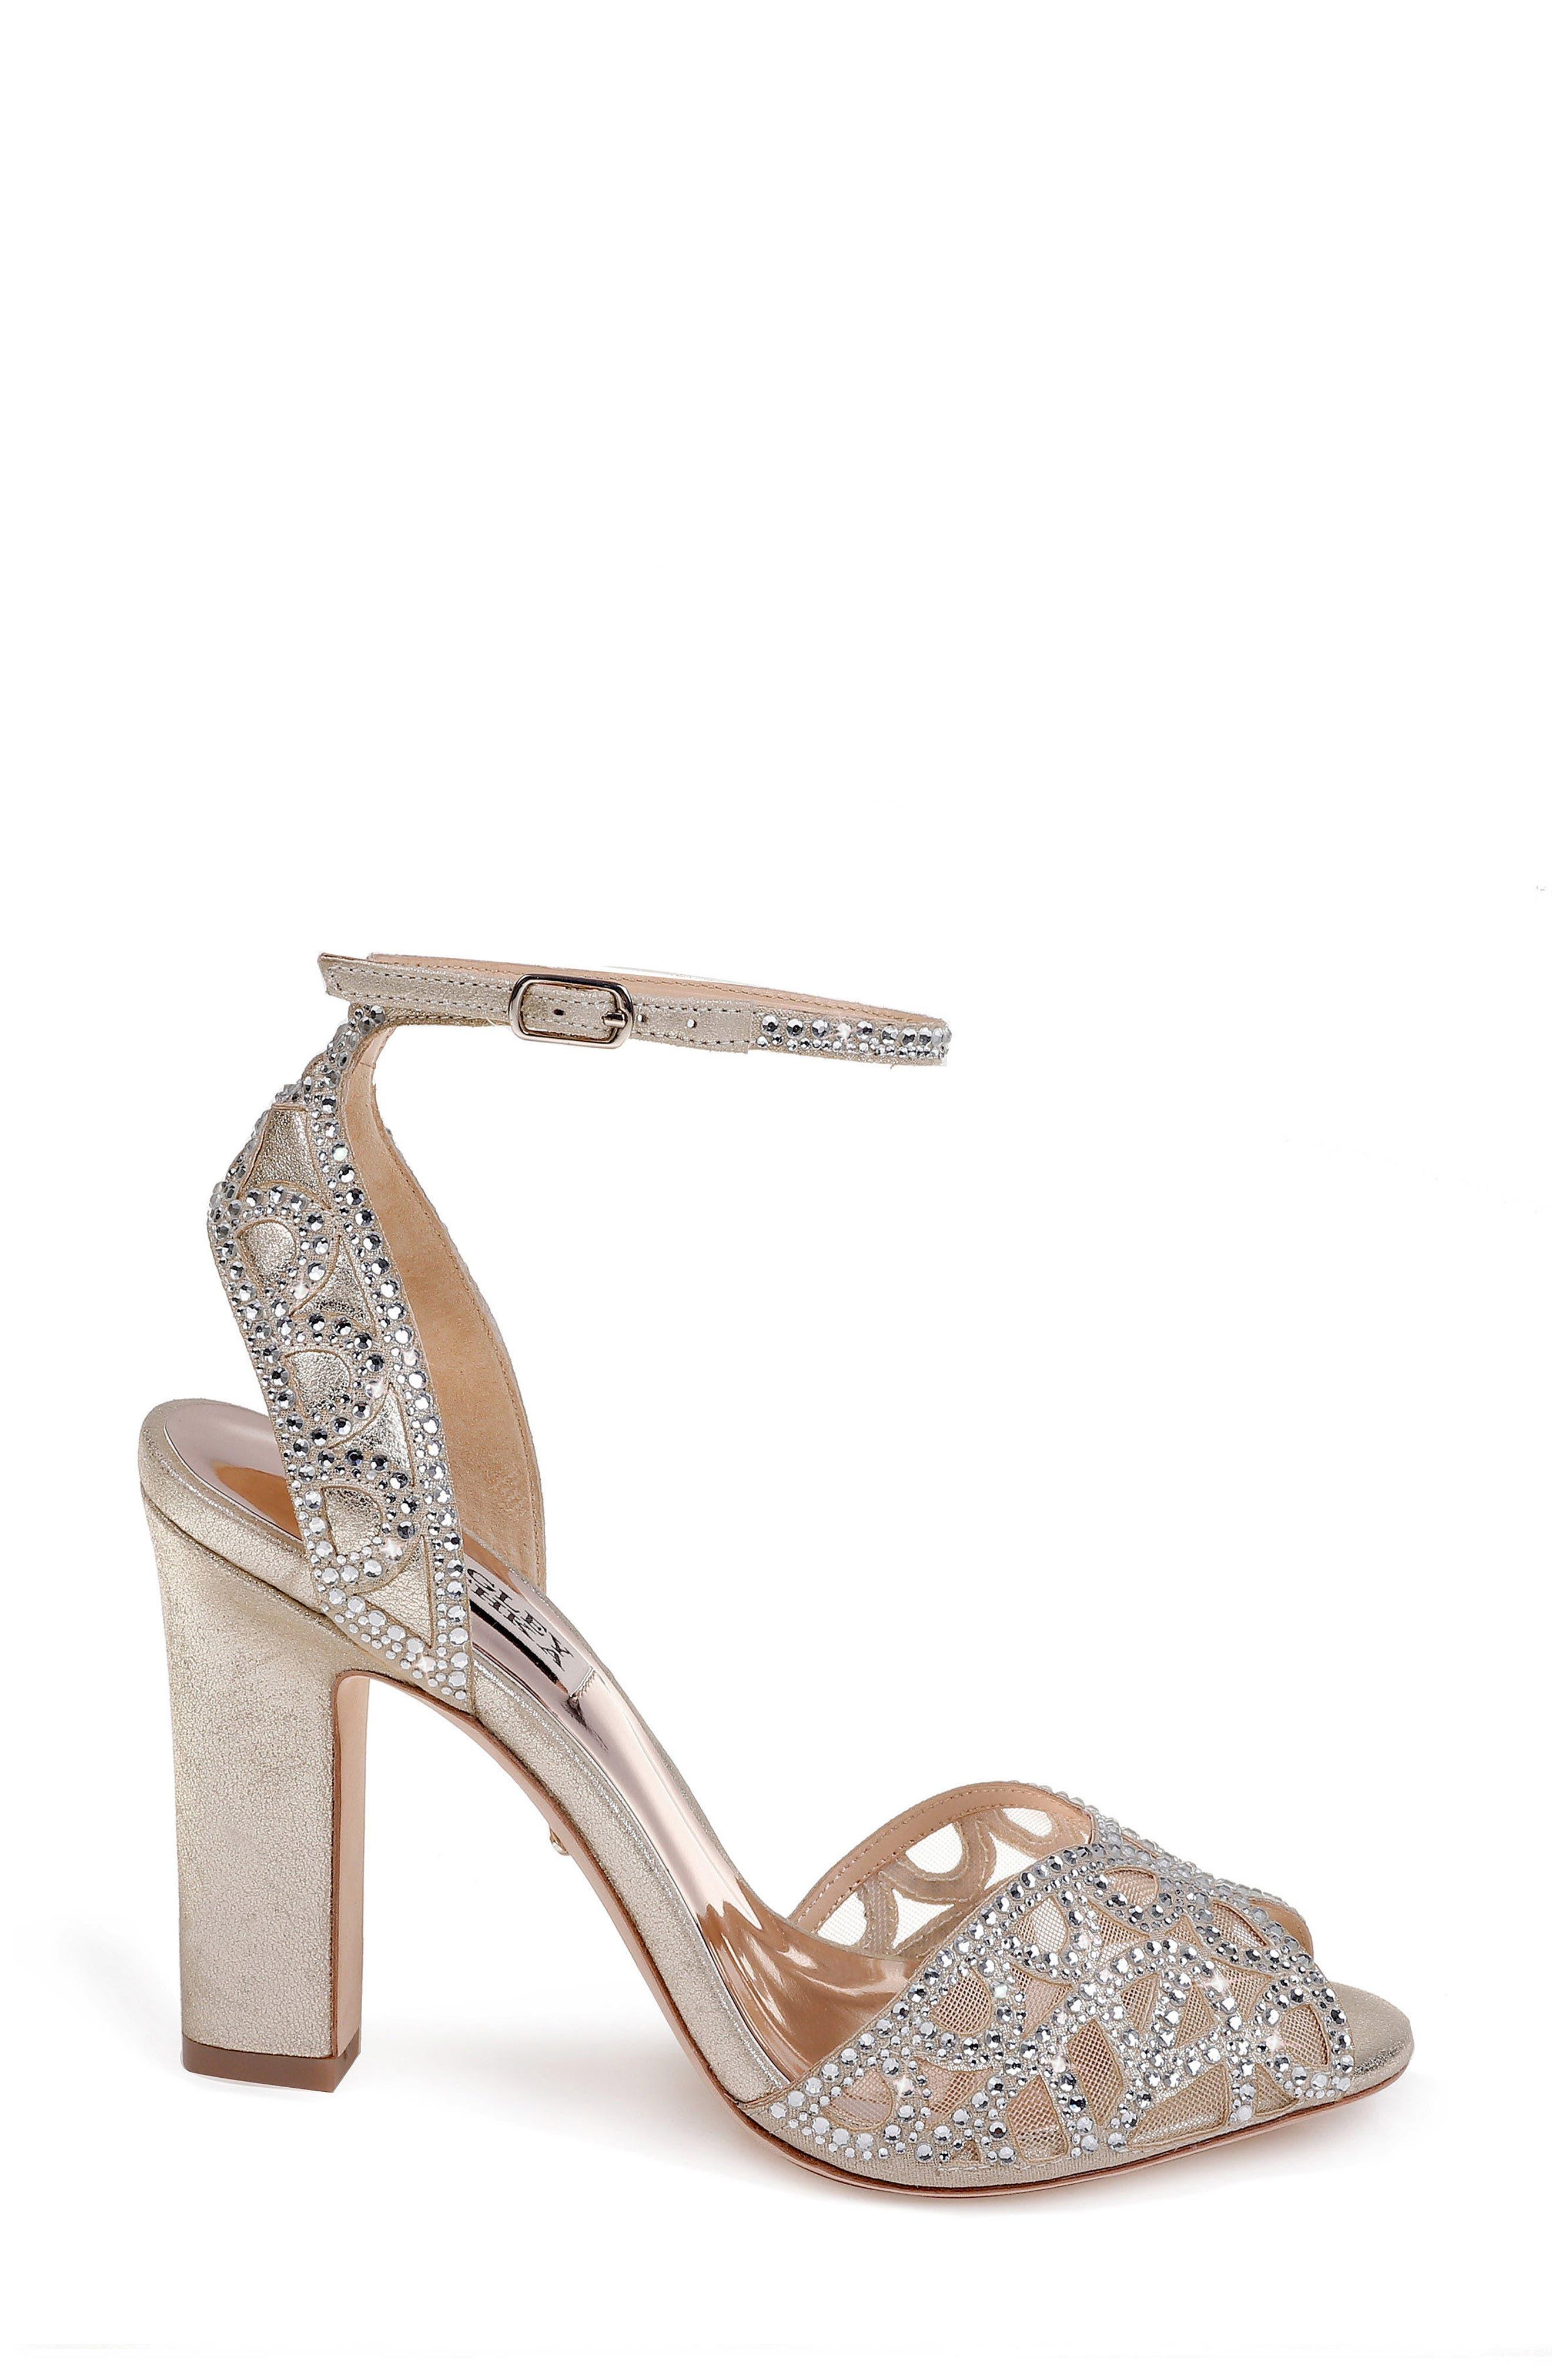 Badgley Mischka Hart Crystal Embellished Sandal,                             Alternate thumbnail 3, color,                             040